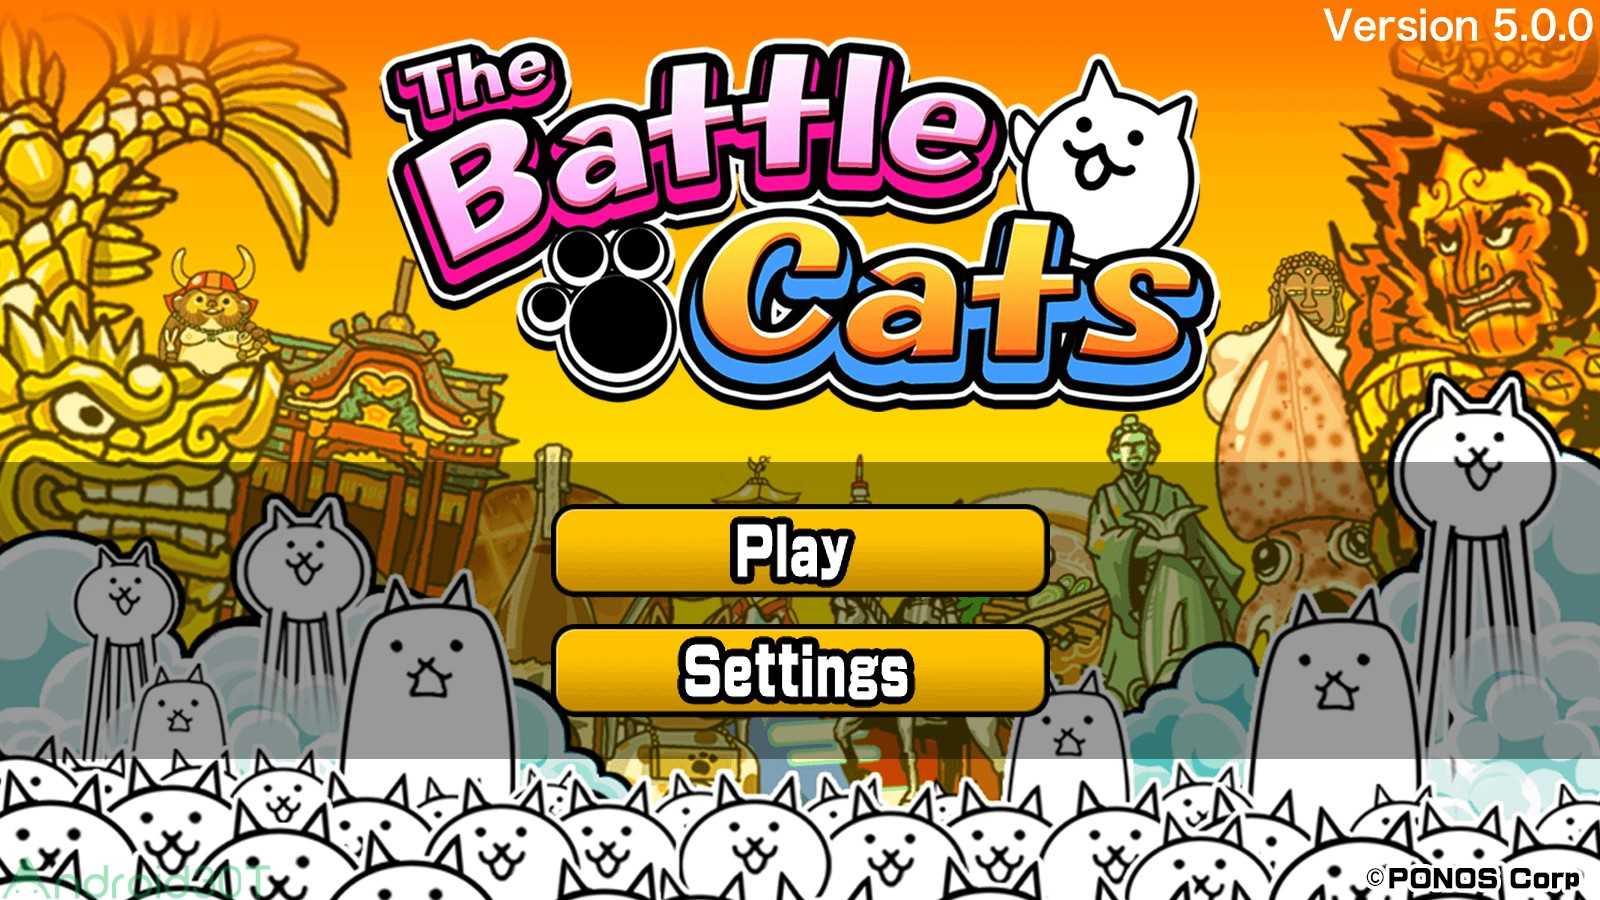 دانلود The Battle Cats 10.7.0 – بازی تفننی نبرد گربه ی زیبا اندروید